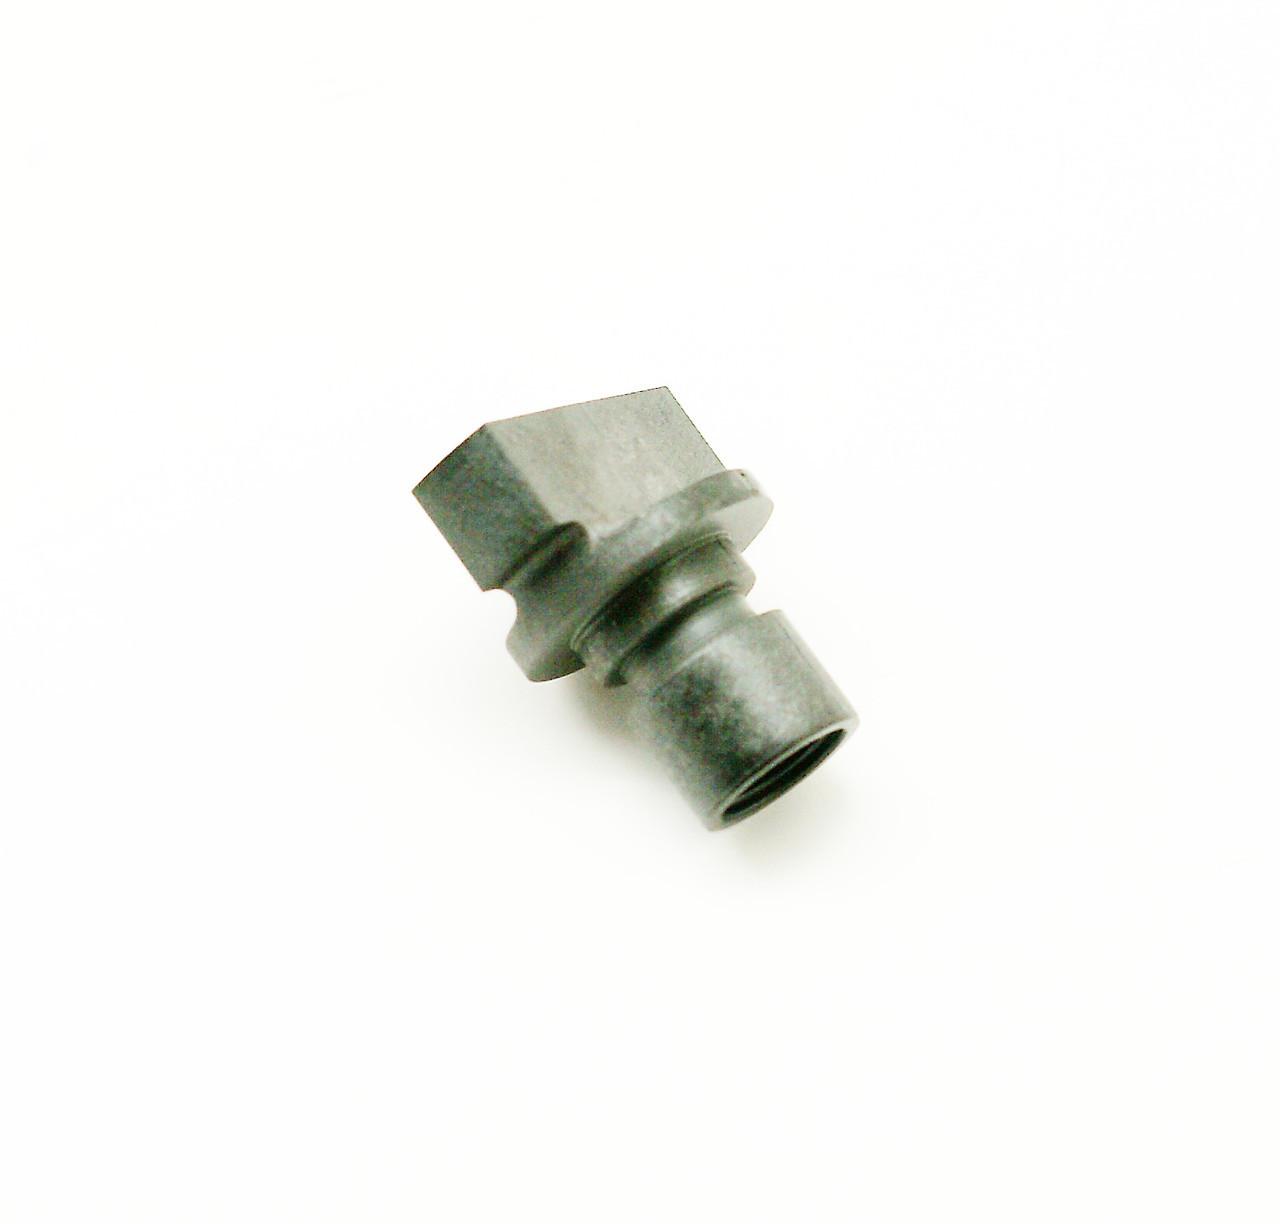 Вал перекрывающего клапана в головке фильтра системы охлаждения Cummins C L Series 3943740